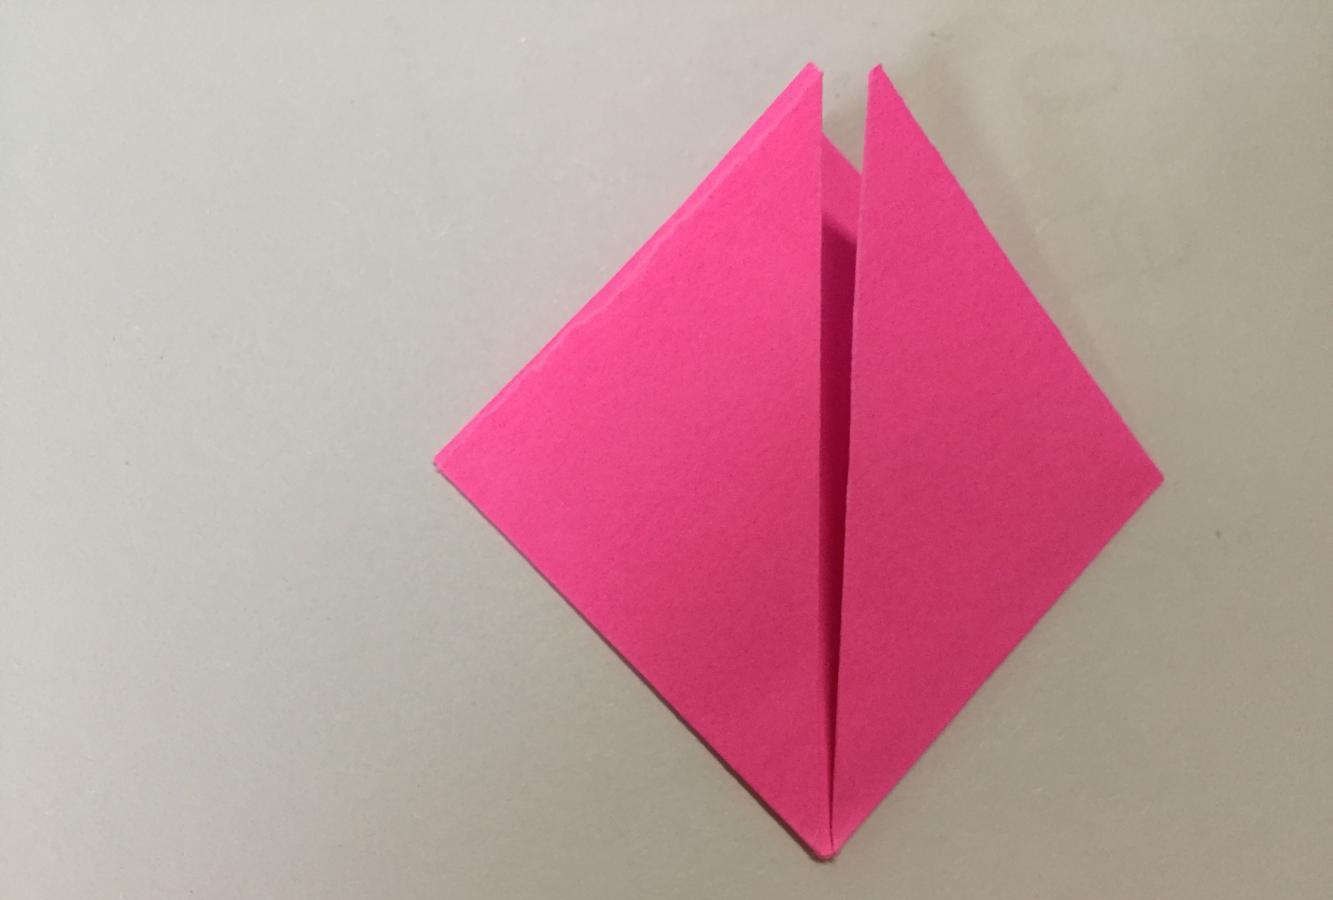 儿童diy折纸趣味手工大全之知了的做法